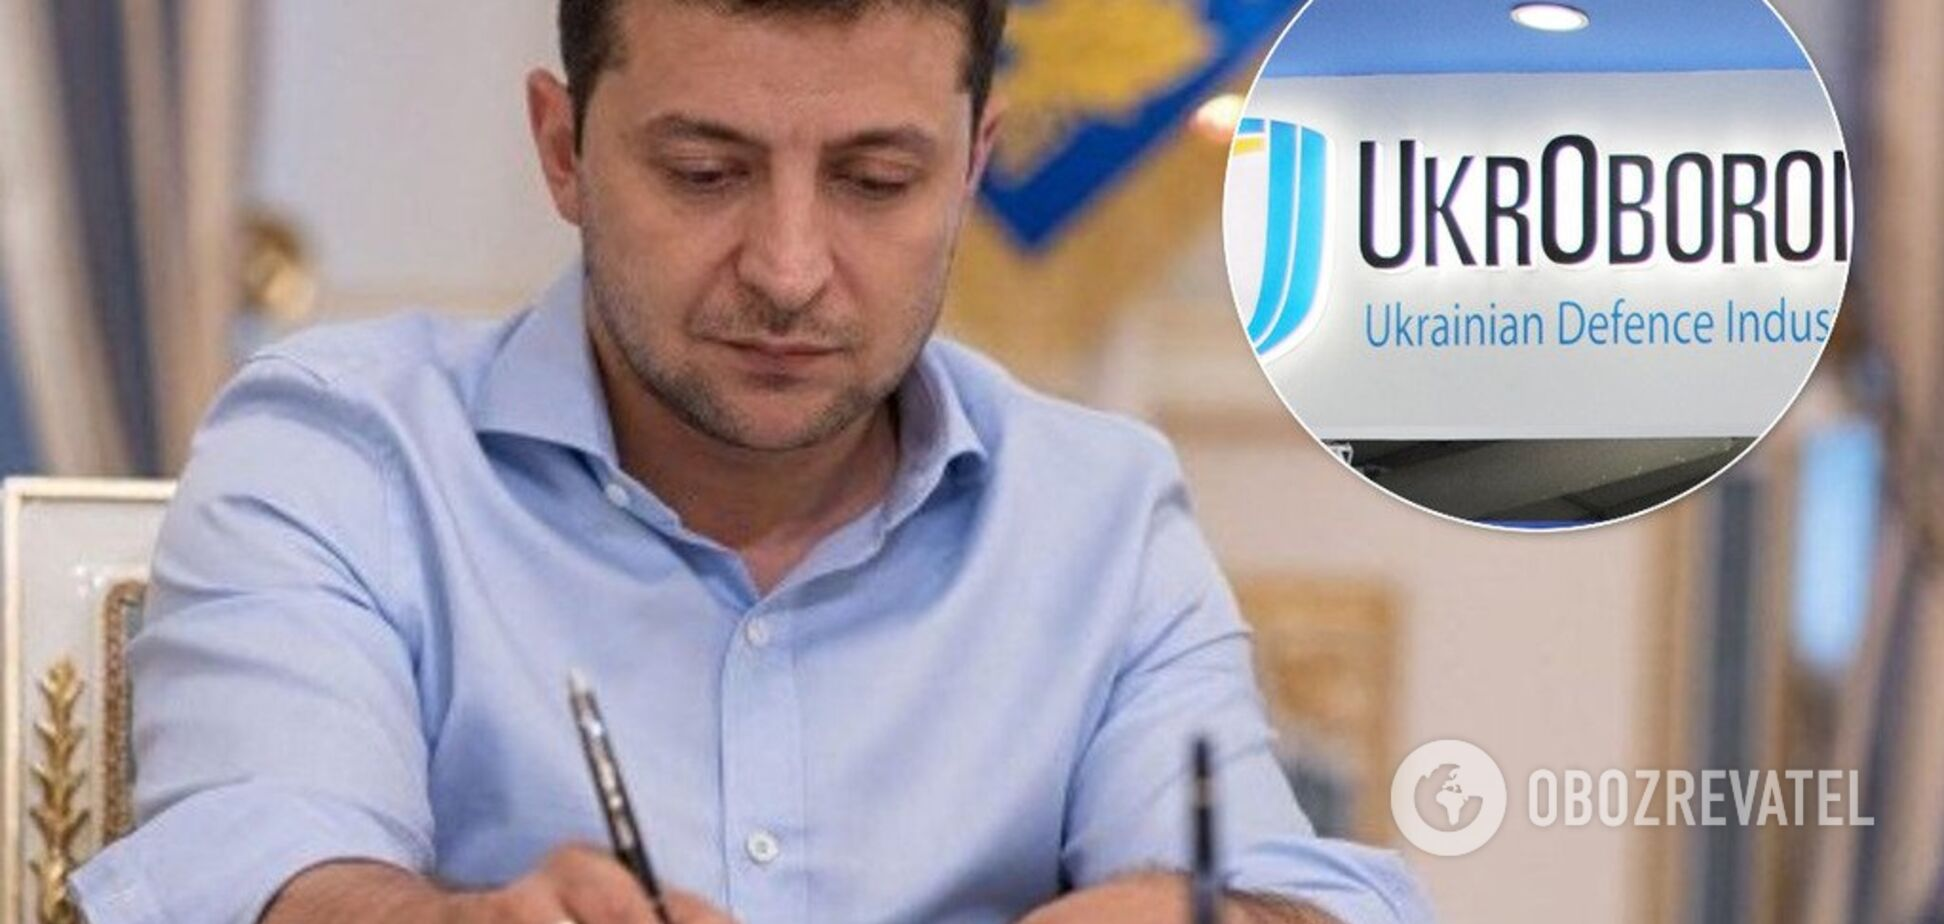 Зеленський зробив нове важливе призначення: в 'Укроборонпромі' кадрові перестановки